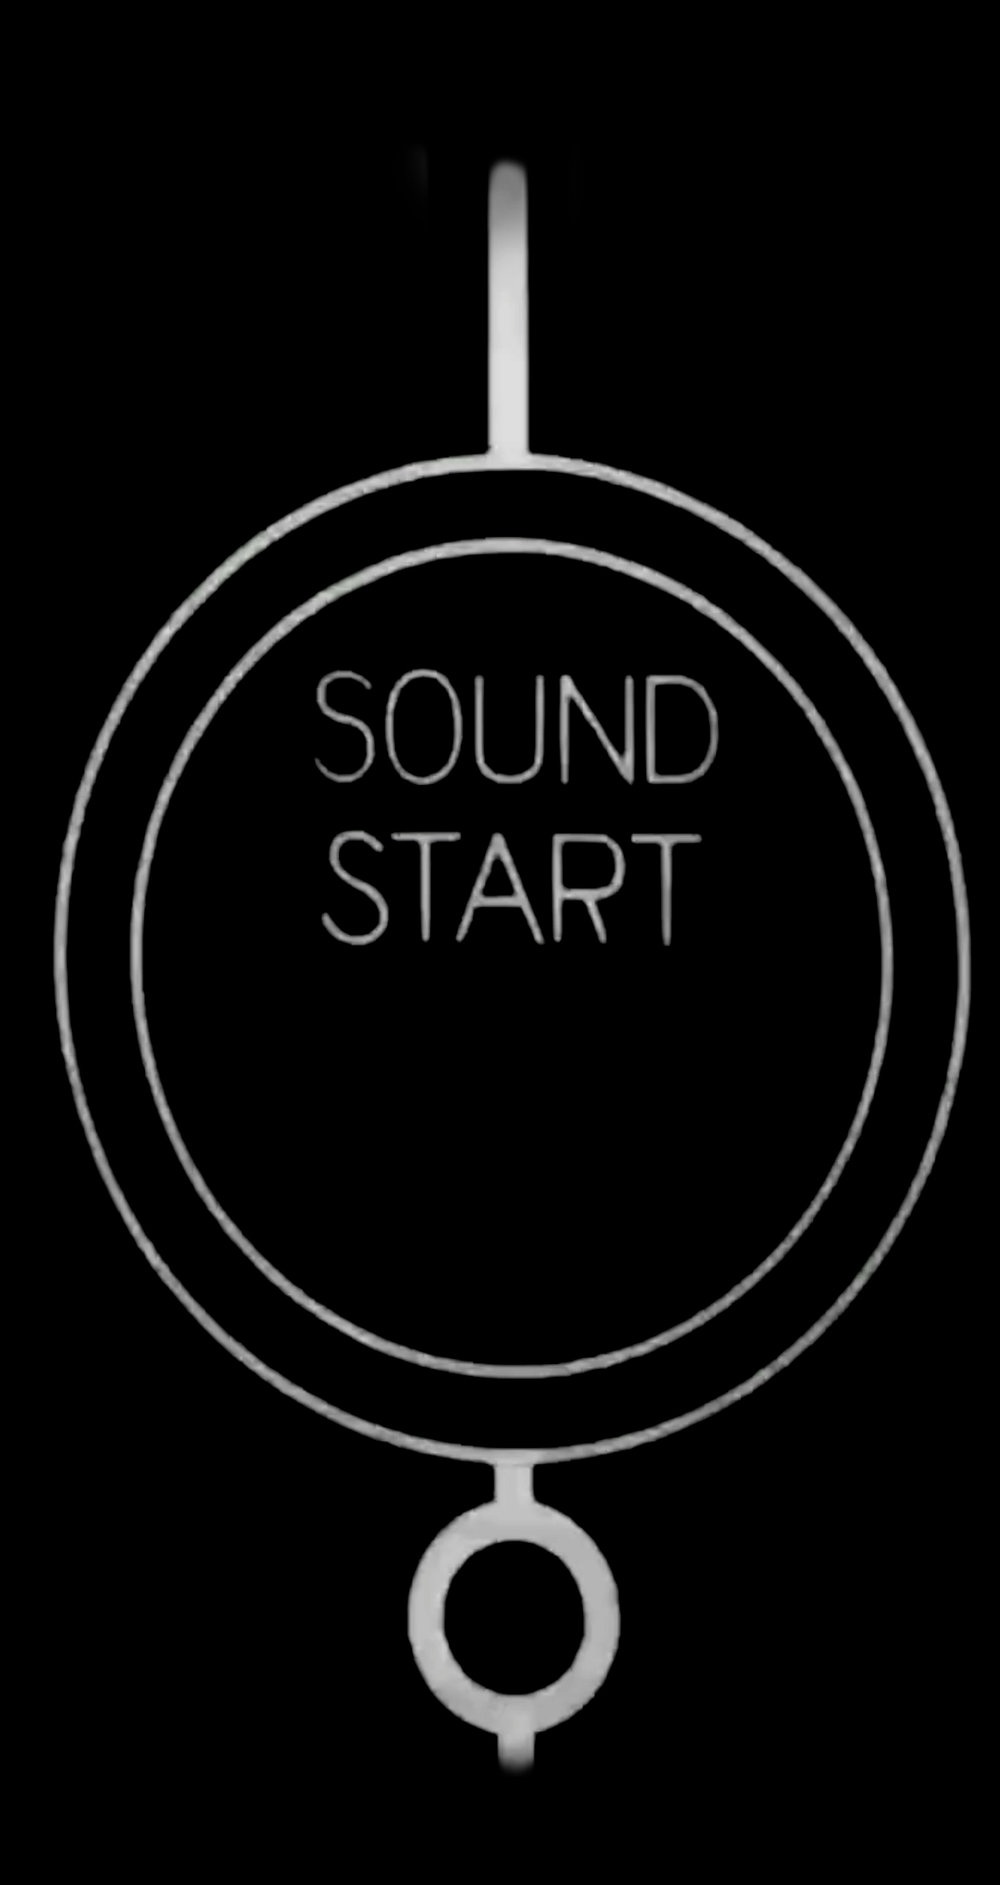 soundstart.jpg